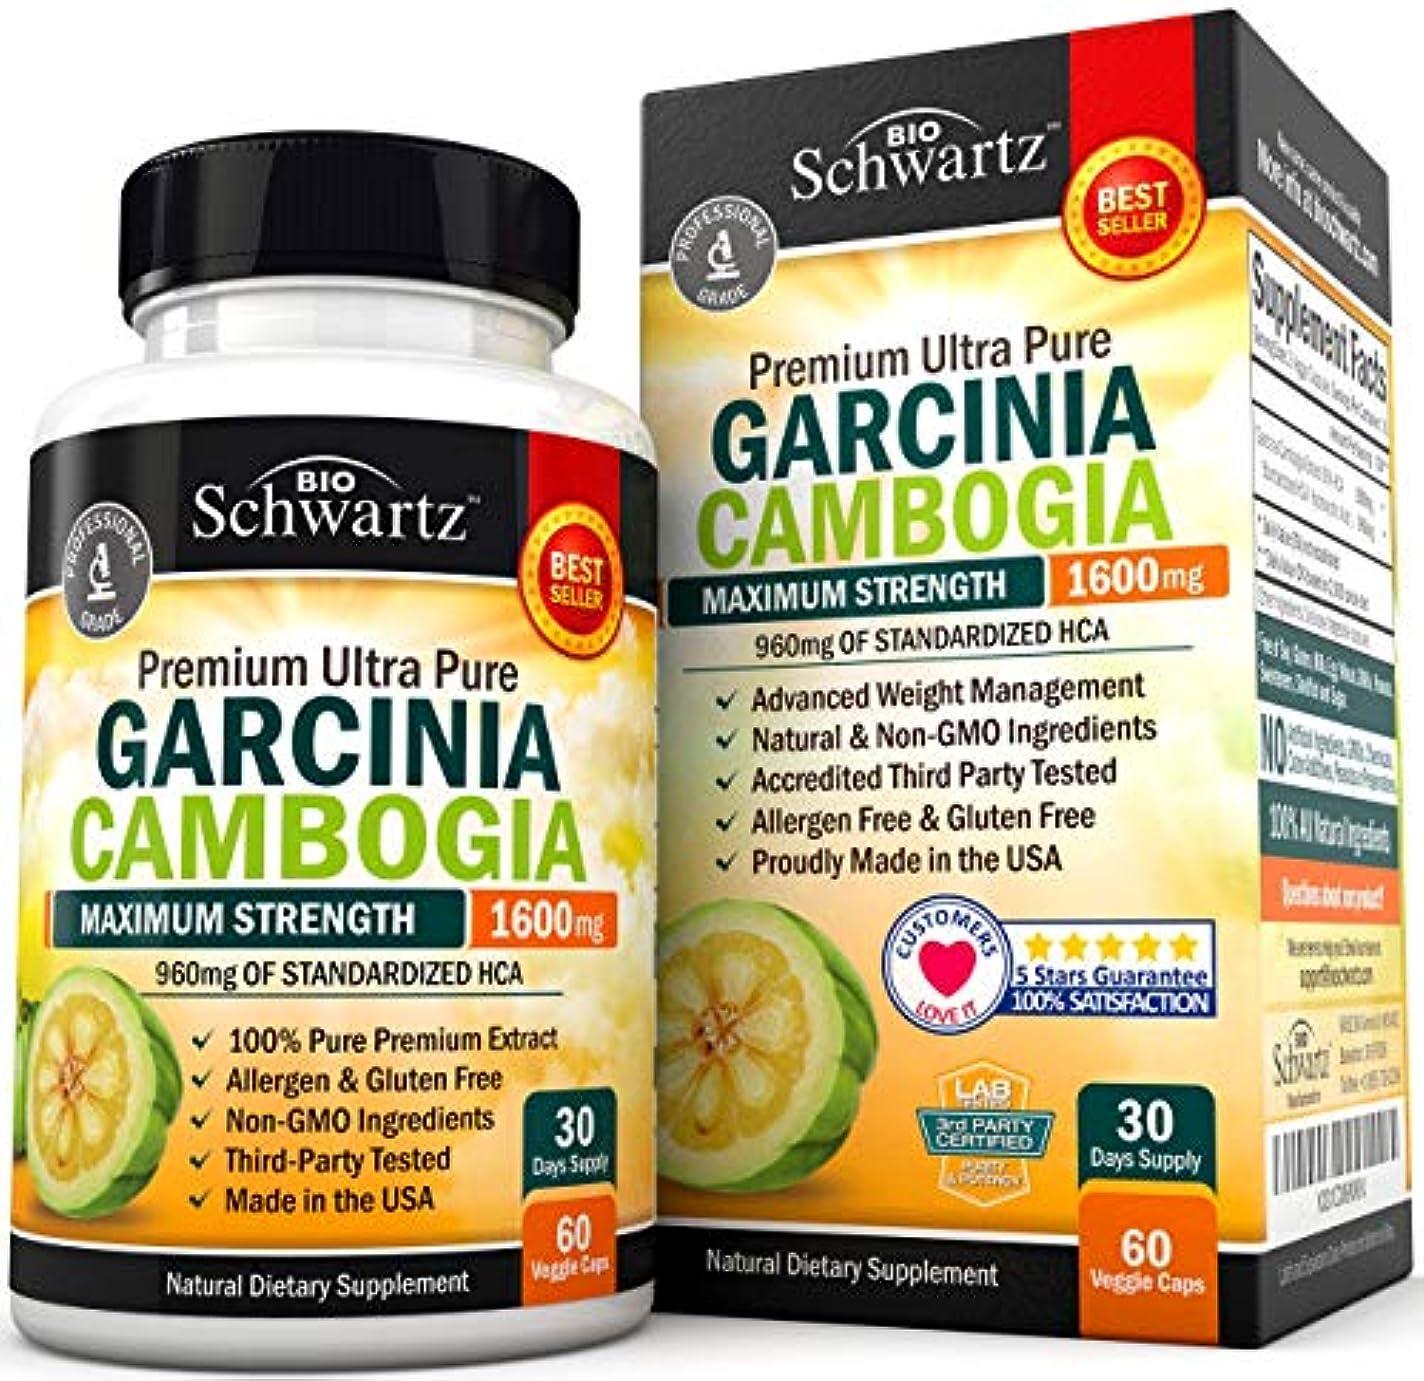 ご意見ポーン緊張Garcinia Cambogia Pure Extract 1600mg  ガルシニアカンボジア